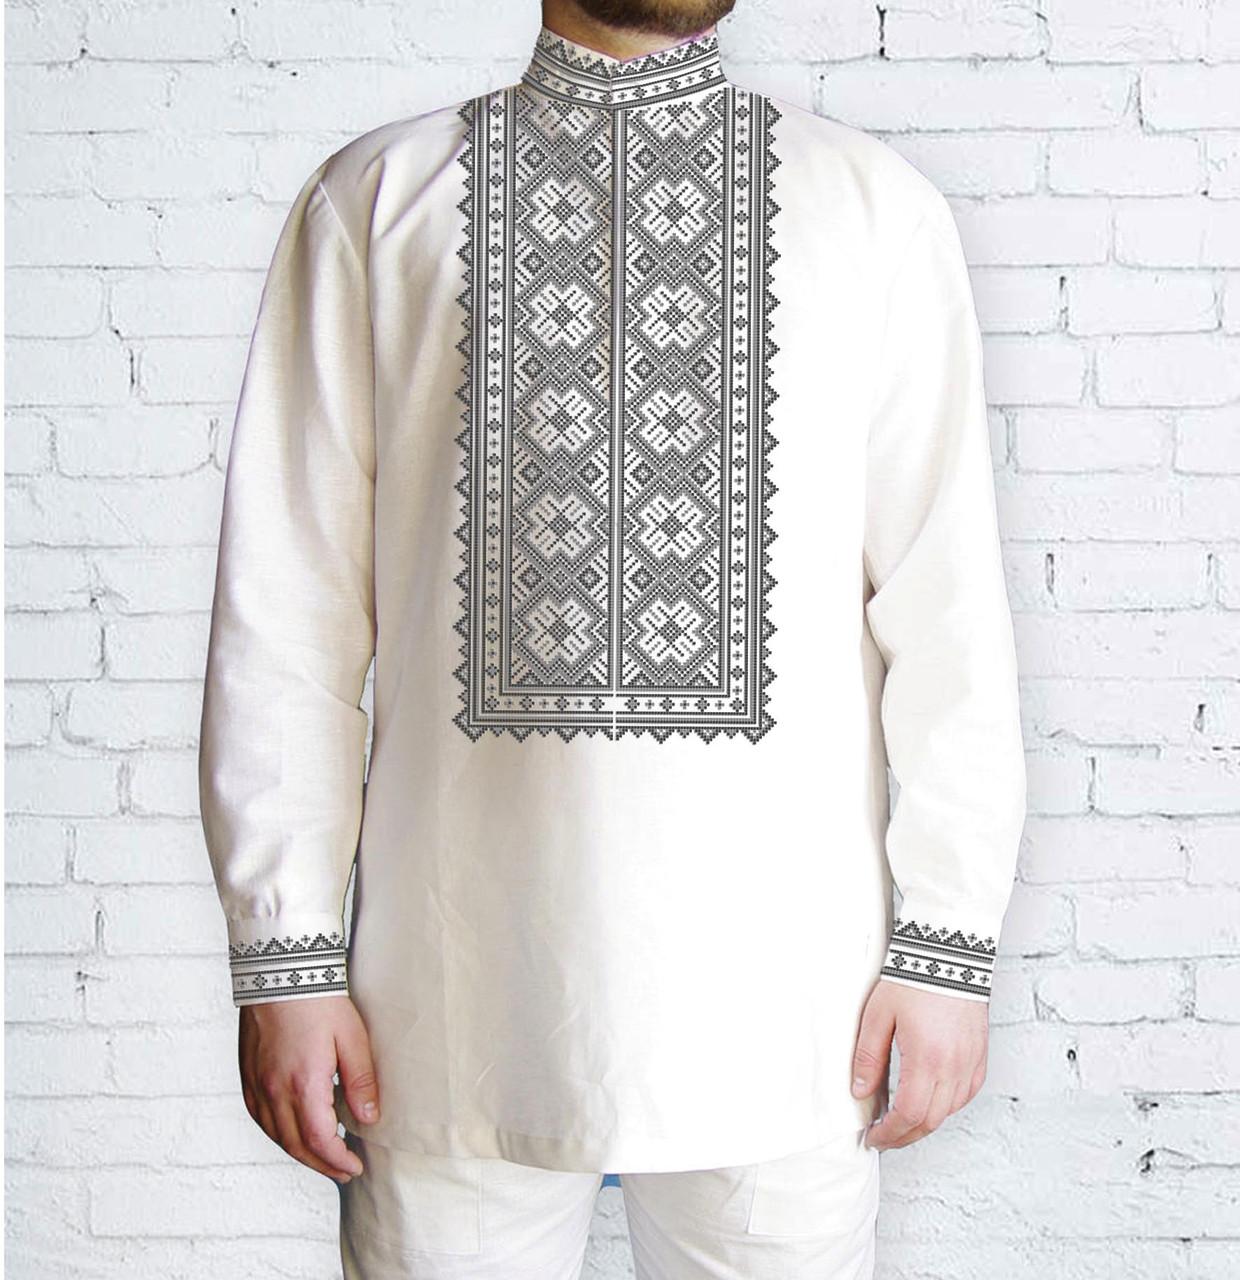 Заготовка чоловічої сорочки та вишиванки для вишивки чи вишивання бісером Бисерок «Орнамент 525 С» (Ч-525 С )